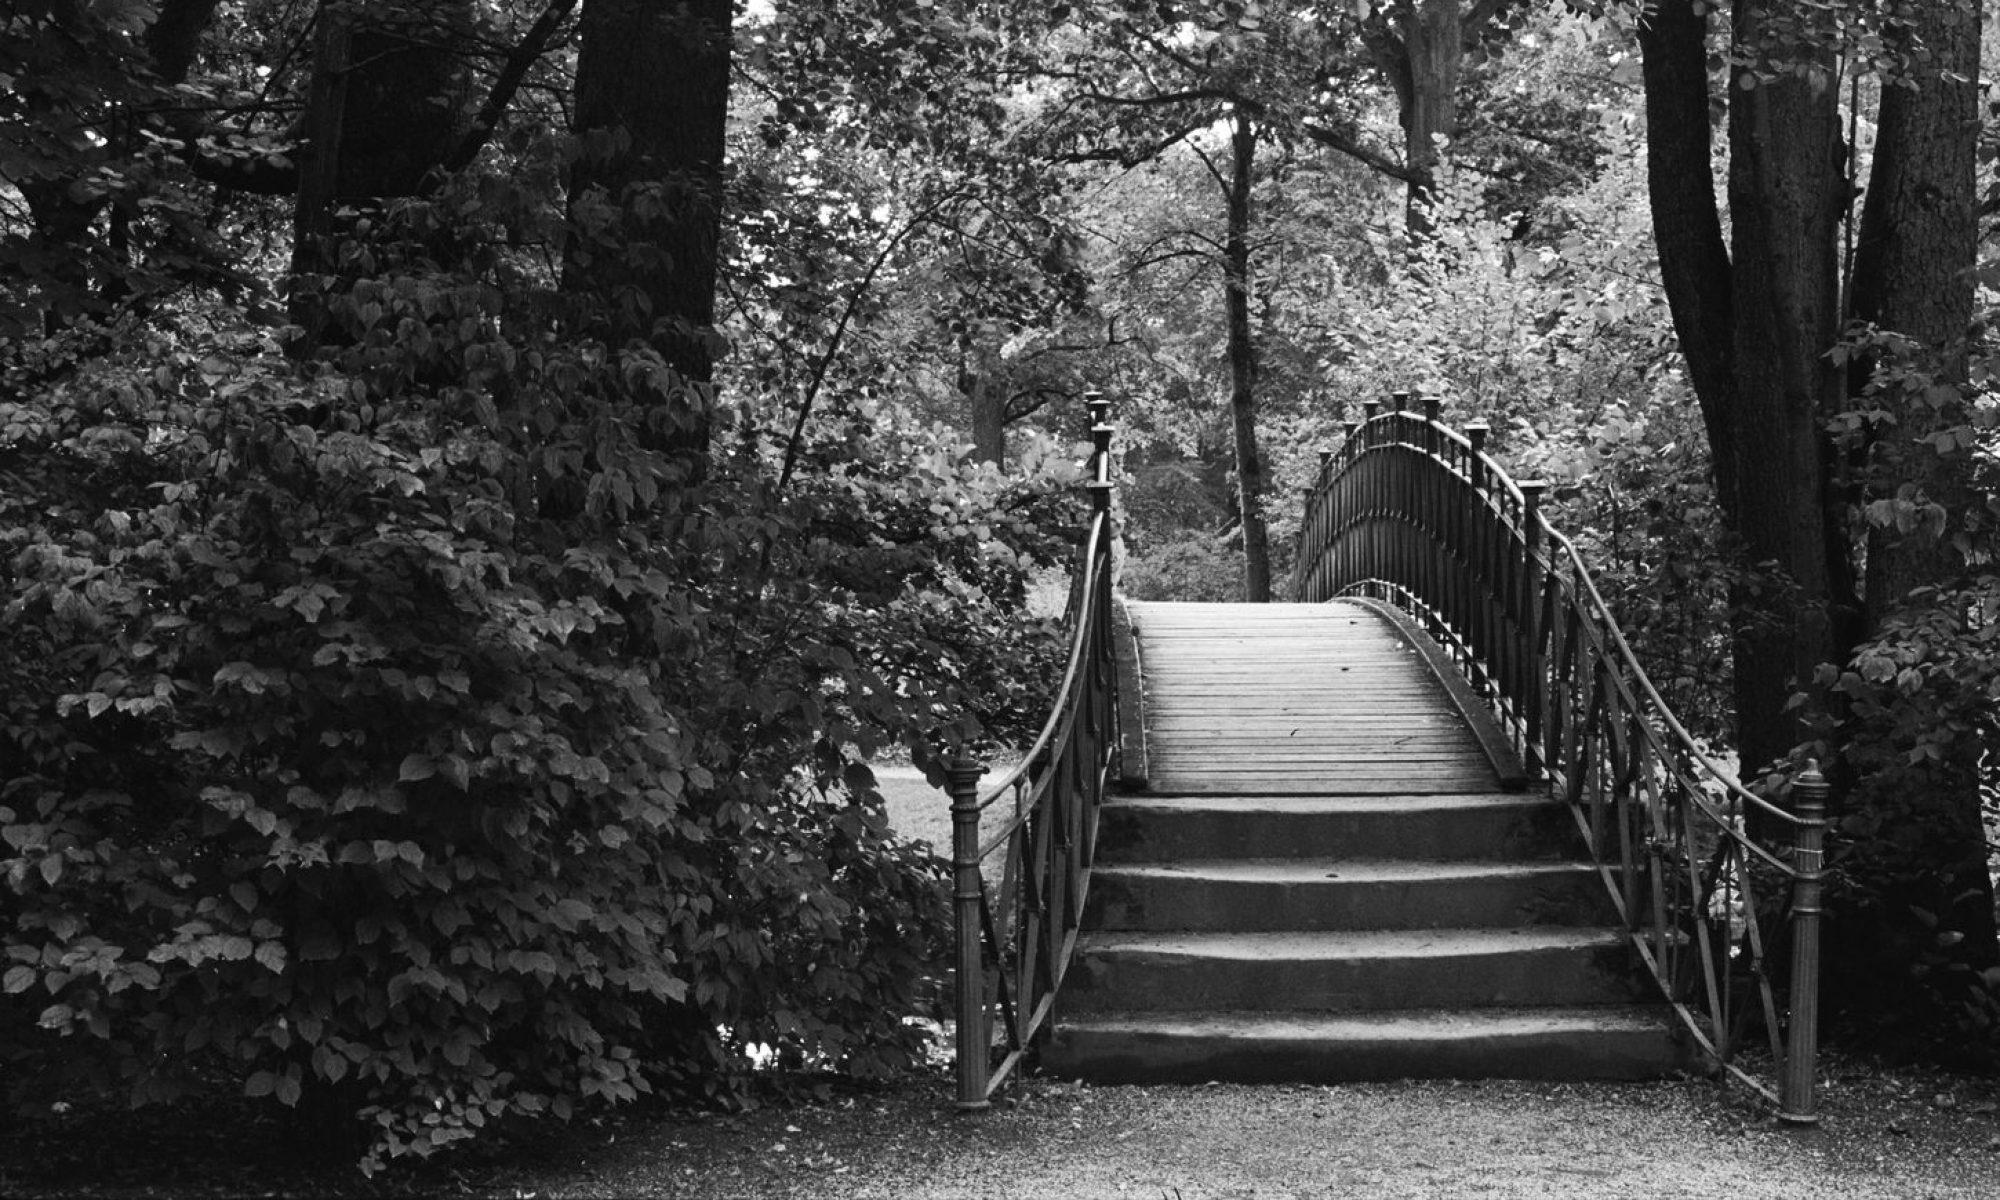 Dichter | Denker | Photograph - Wort u. Bild kunstvoll inszeniert